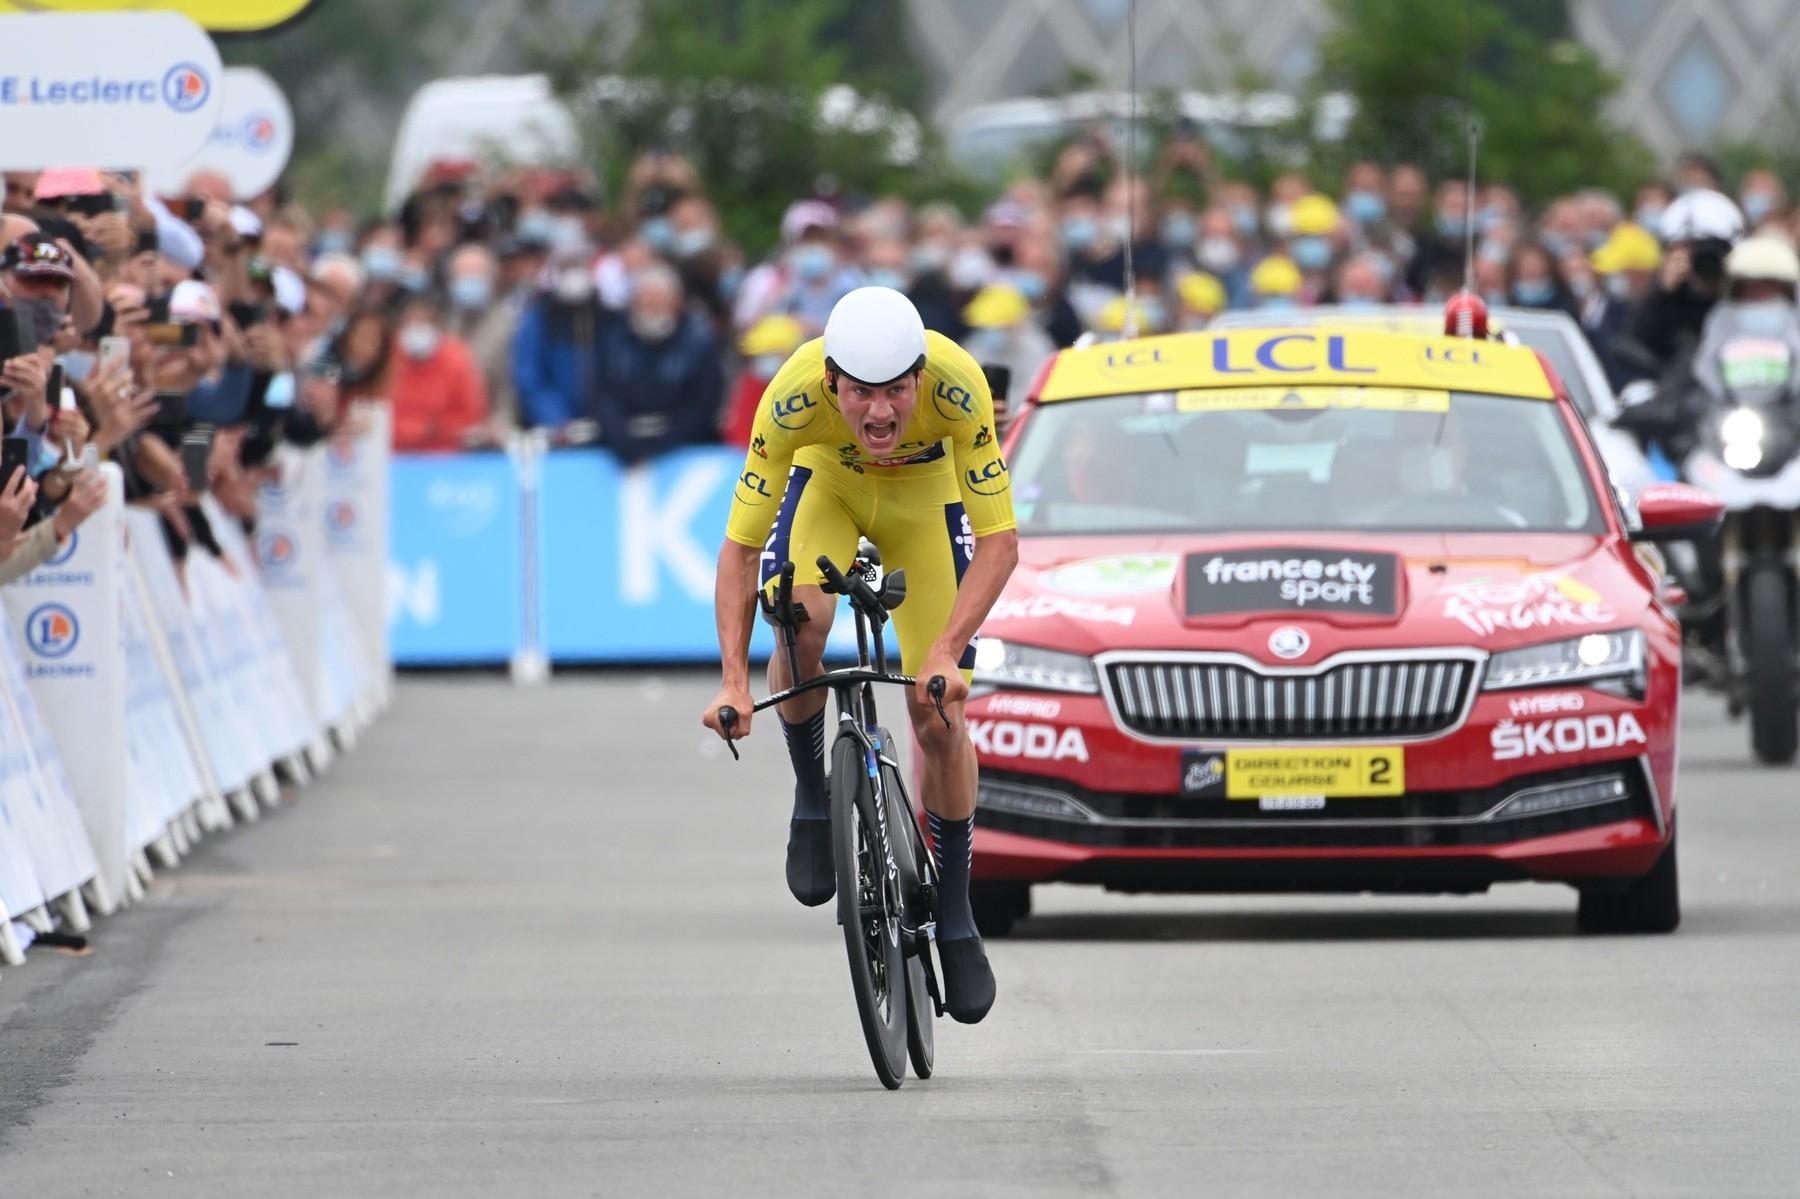 Mathieu van der Poel při časovce použil ráfky, které nesmí vozit. Ale hlavní sponzor při vidině žlutého trikotu vše přešel. Foto: profimedia